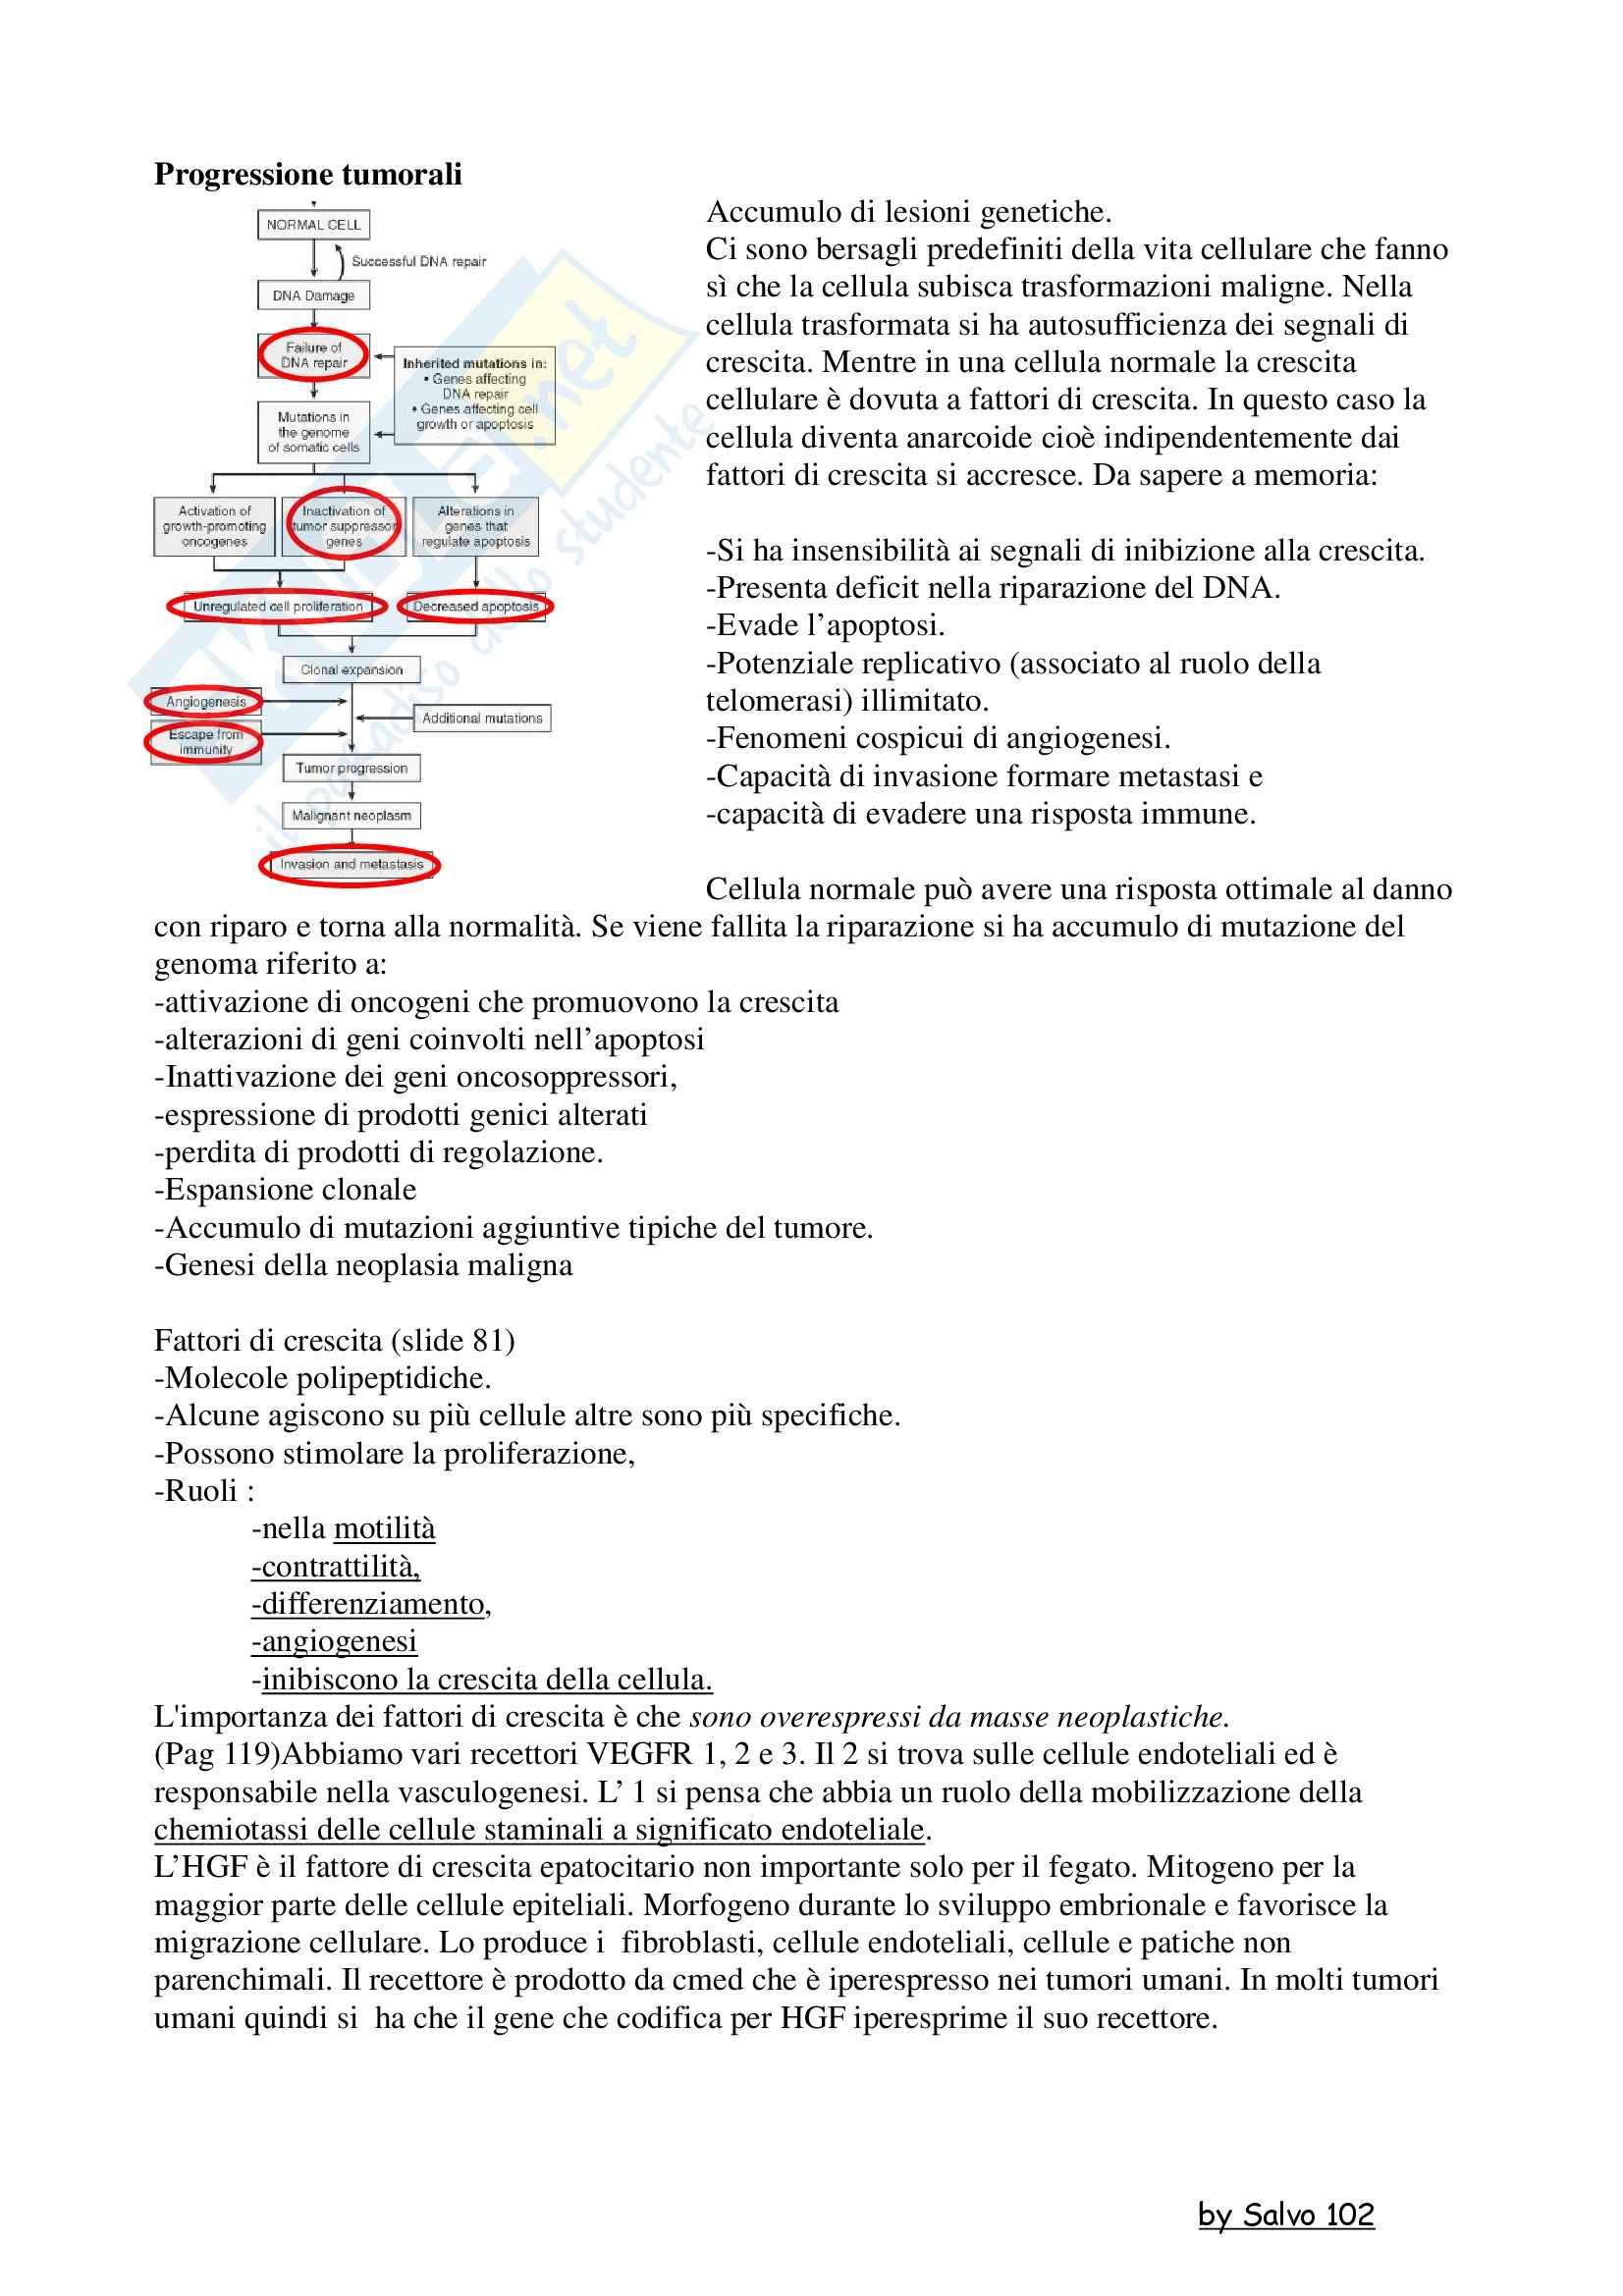 Patologia generale - la progressione della massa tumorale